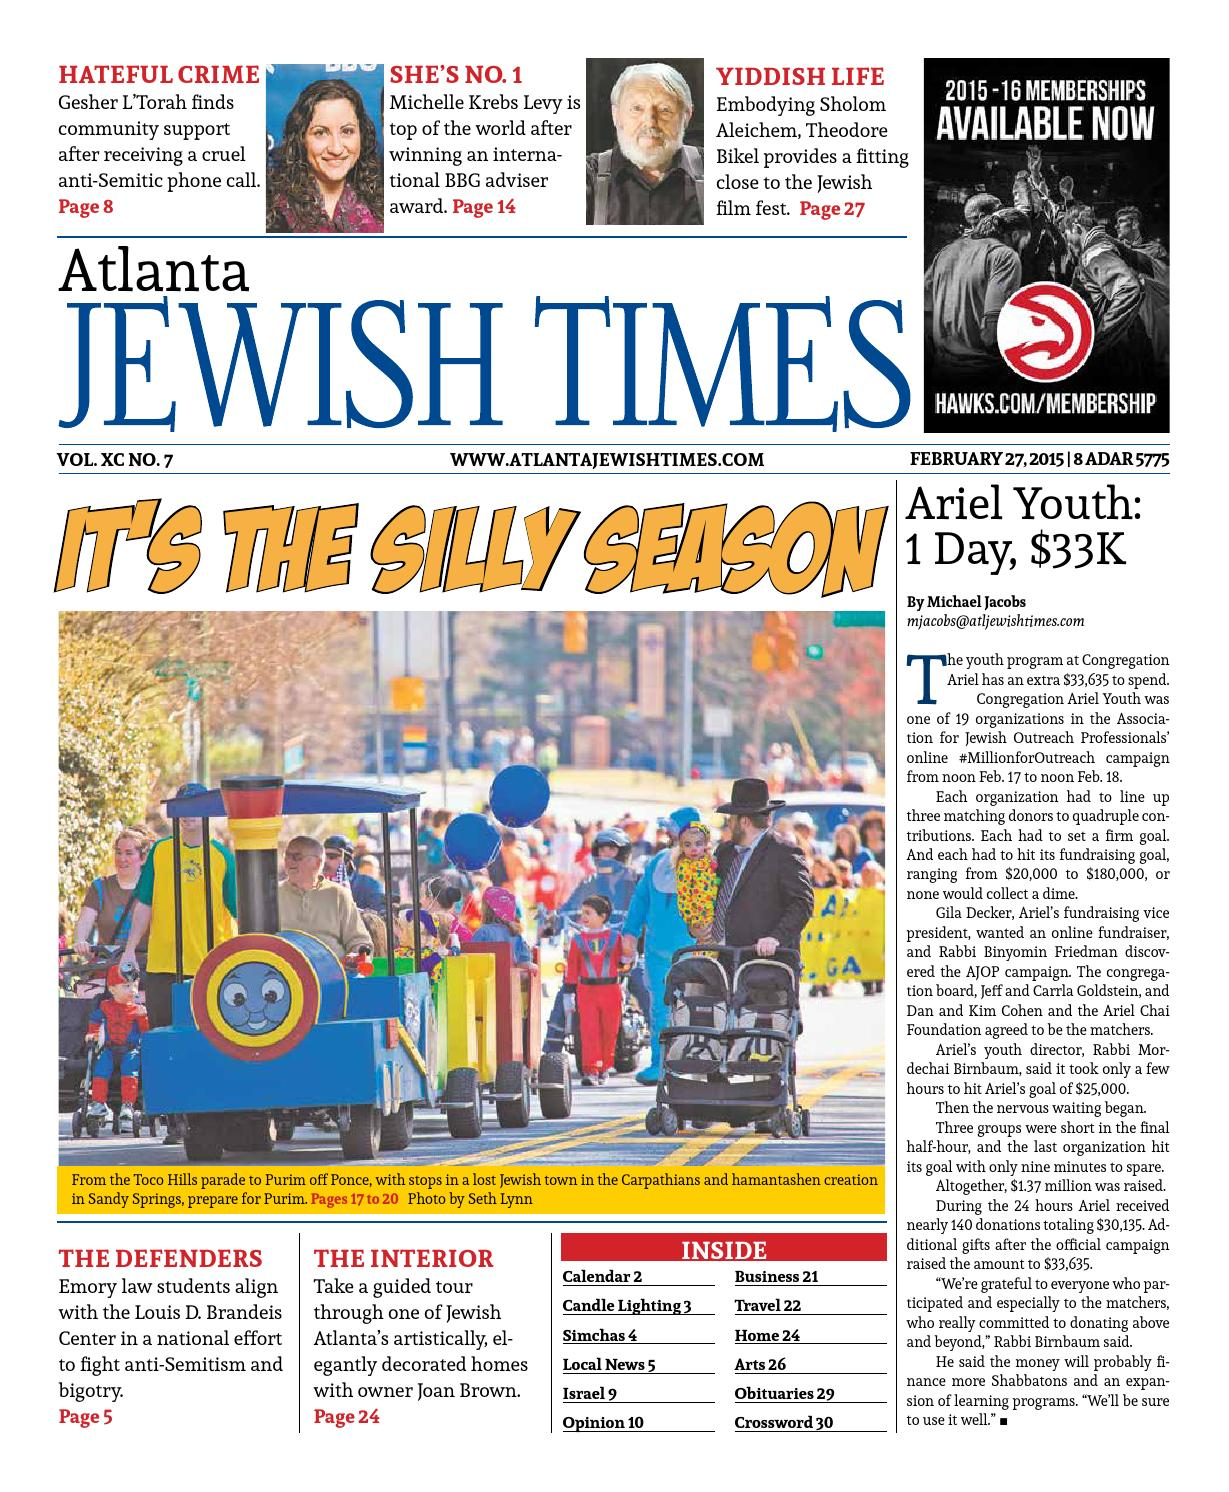 Atlanta Jewish Times February 27 2015 No. 7 by Atlanta Jewish Times - issuu  sc 1 st  Issuu & Atlanta Jewish Times February 27 2015 No. 7 by Atlanta Jewish ...